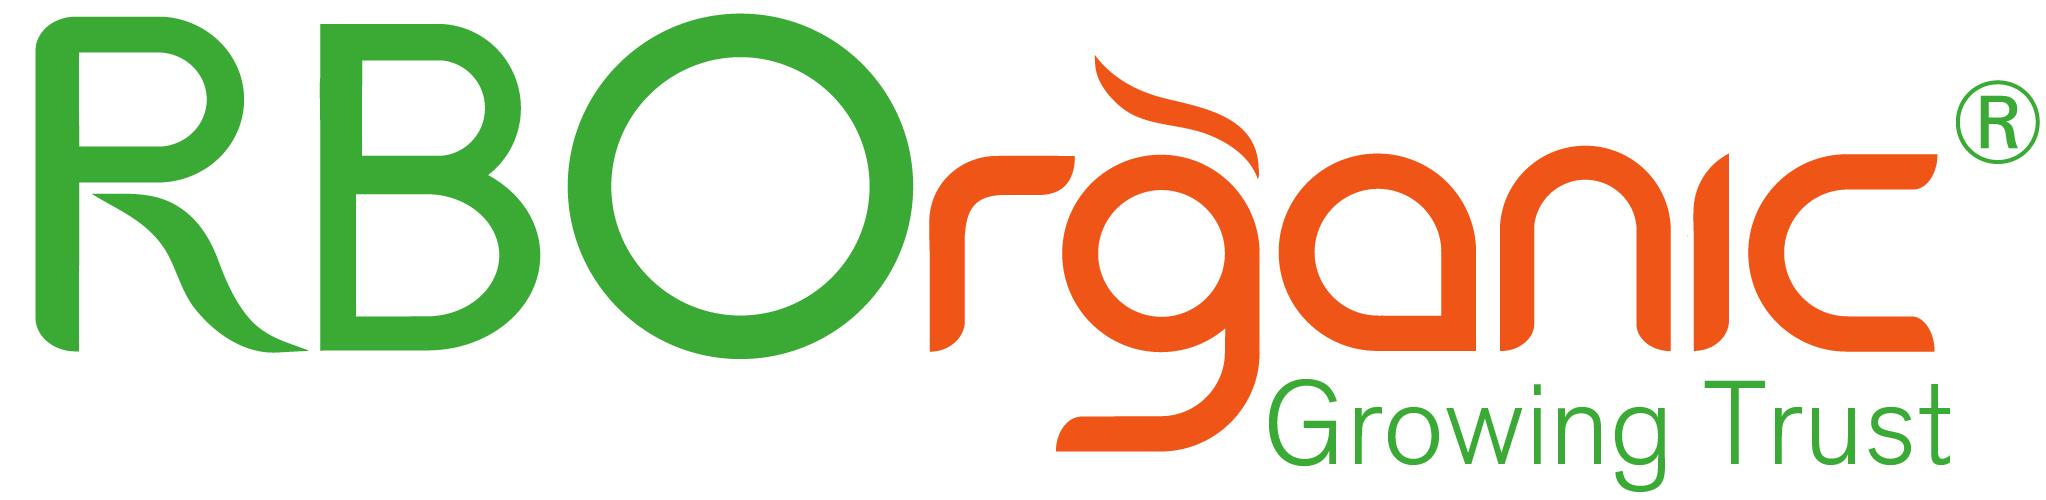 RBOrganic Ltd logo